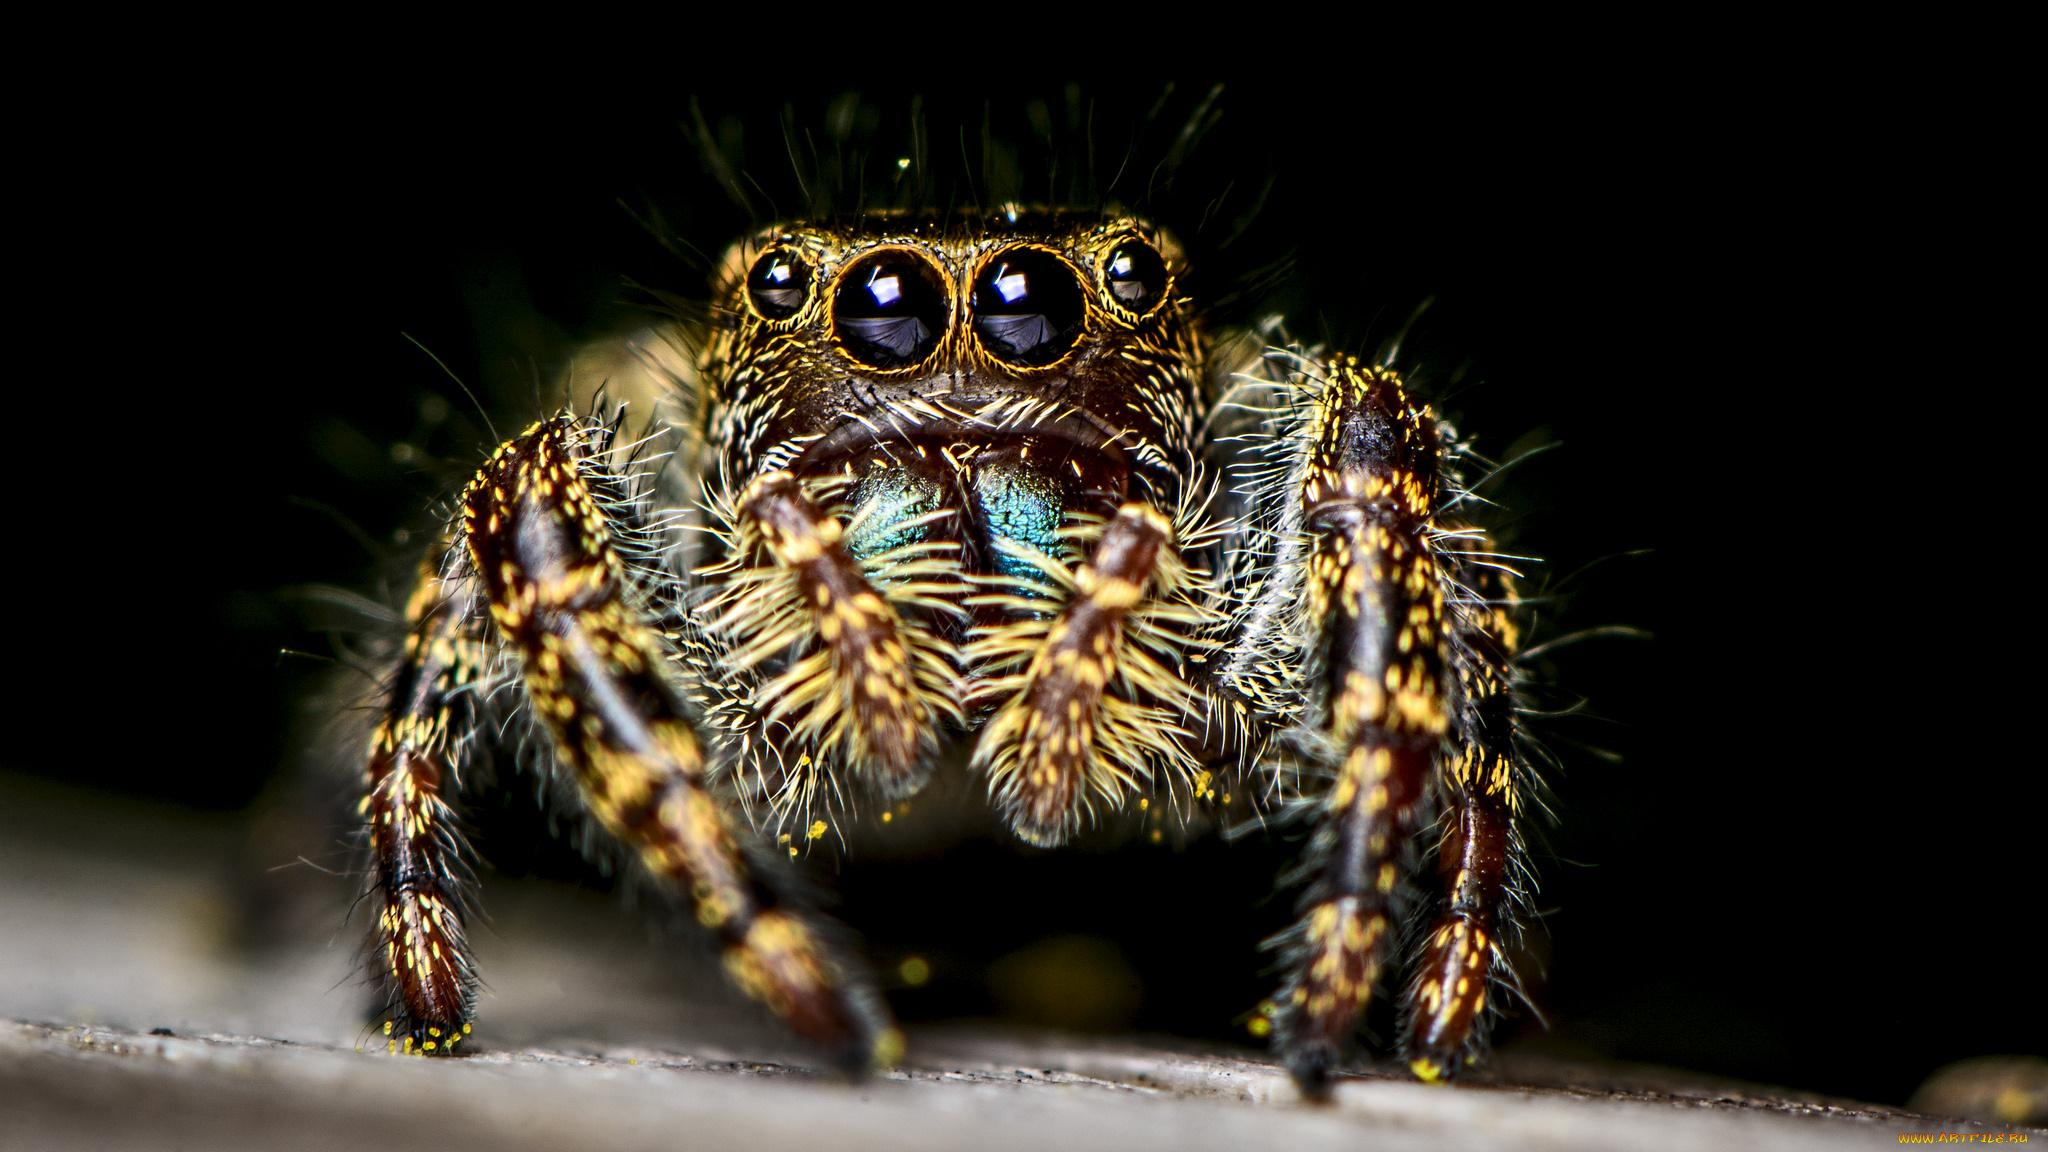 природа животное паук загрузить